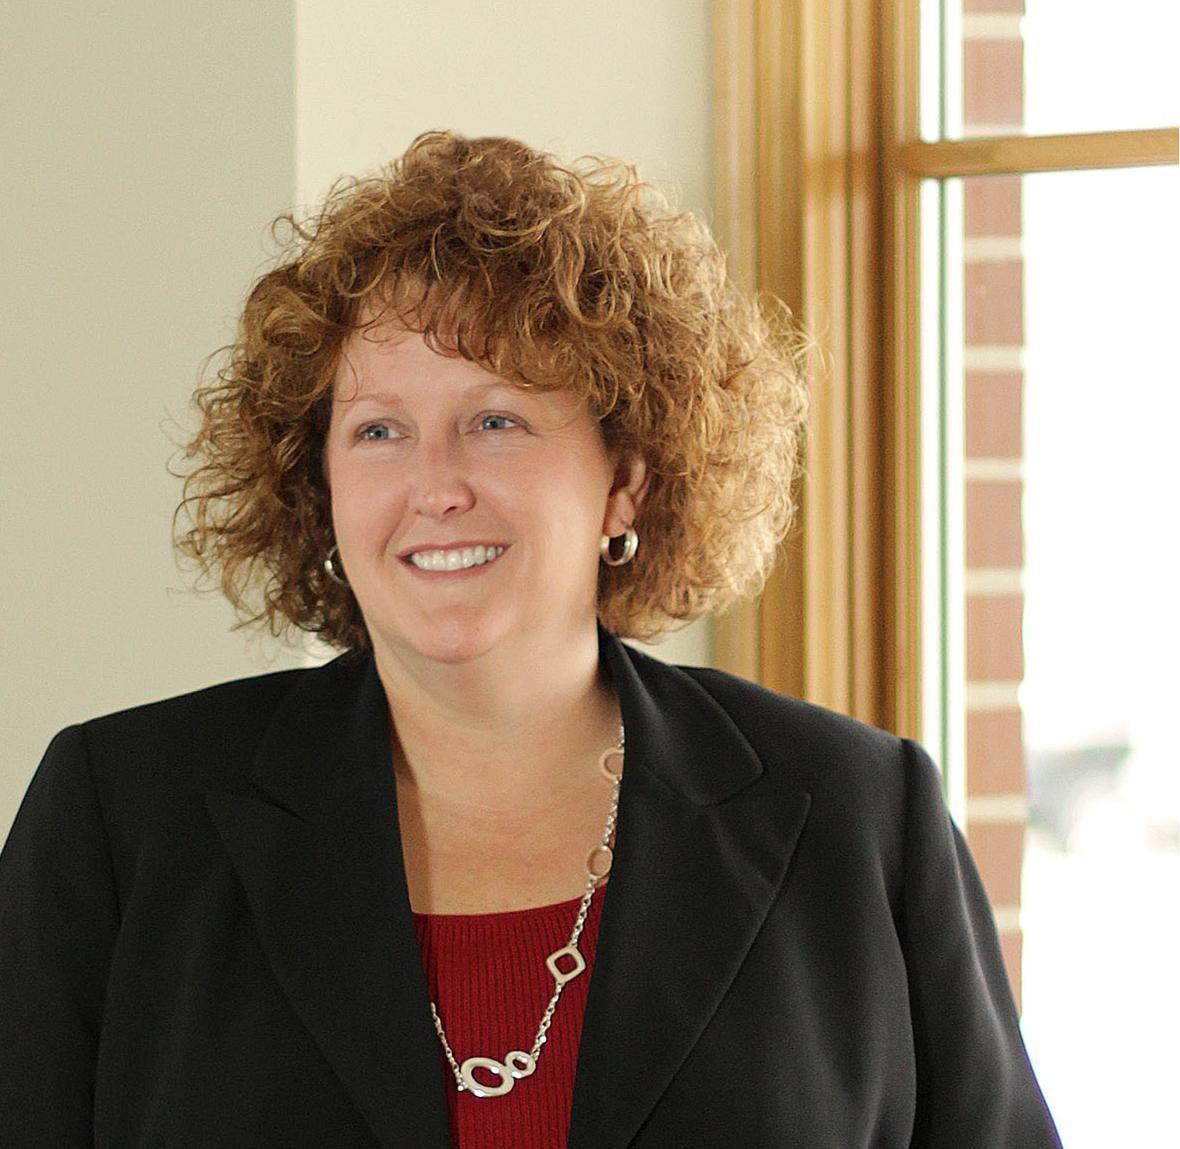 Murray named new President of Van Buren Chamber of Commerce